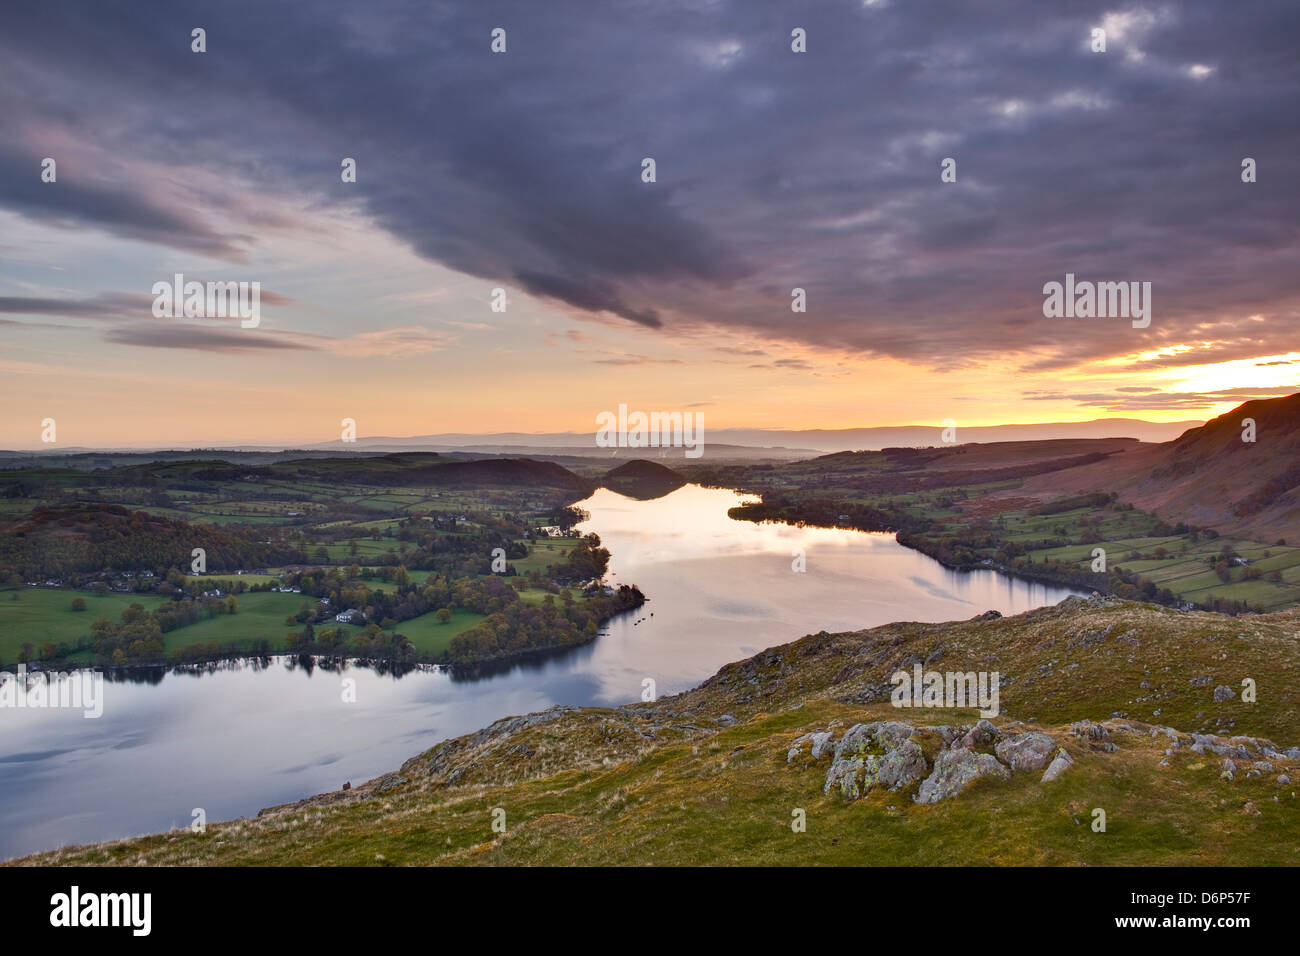 Ullswater nel Parco Nazionale del Distretto dei Laghi, Cumbria, England, Regno Unito, Europa Immagini Stock